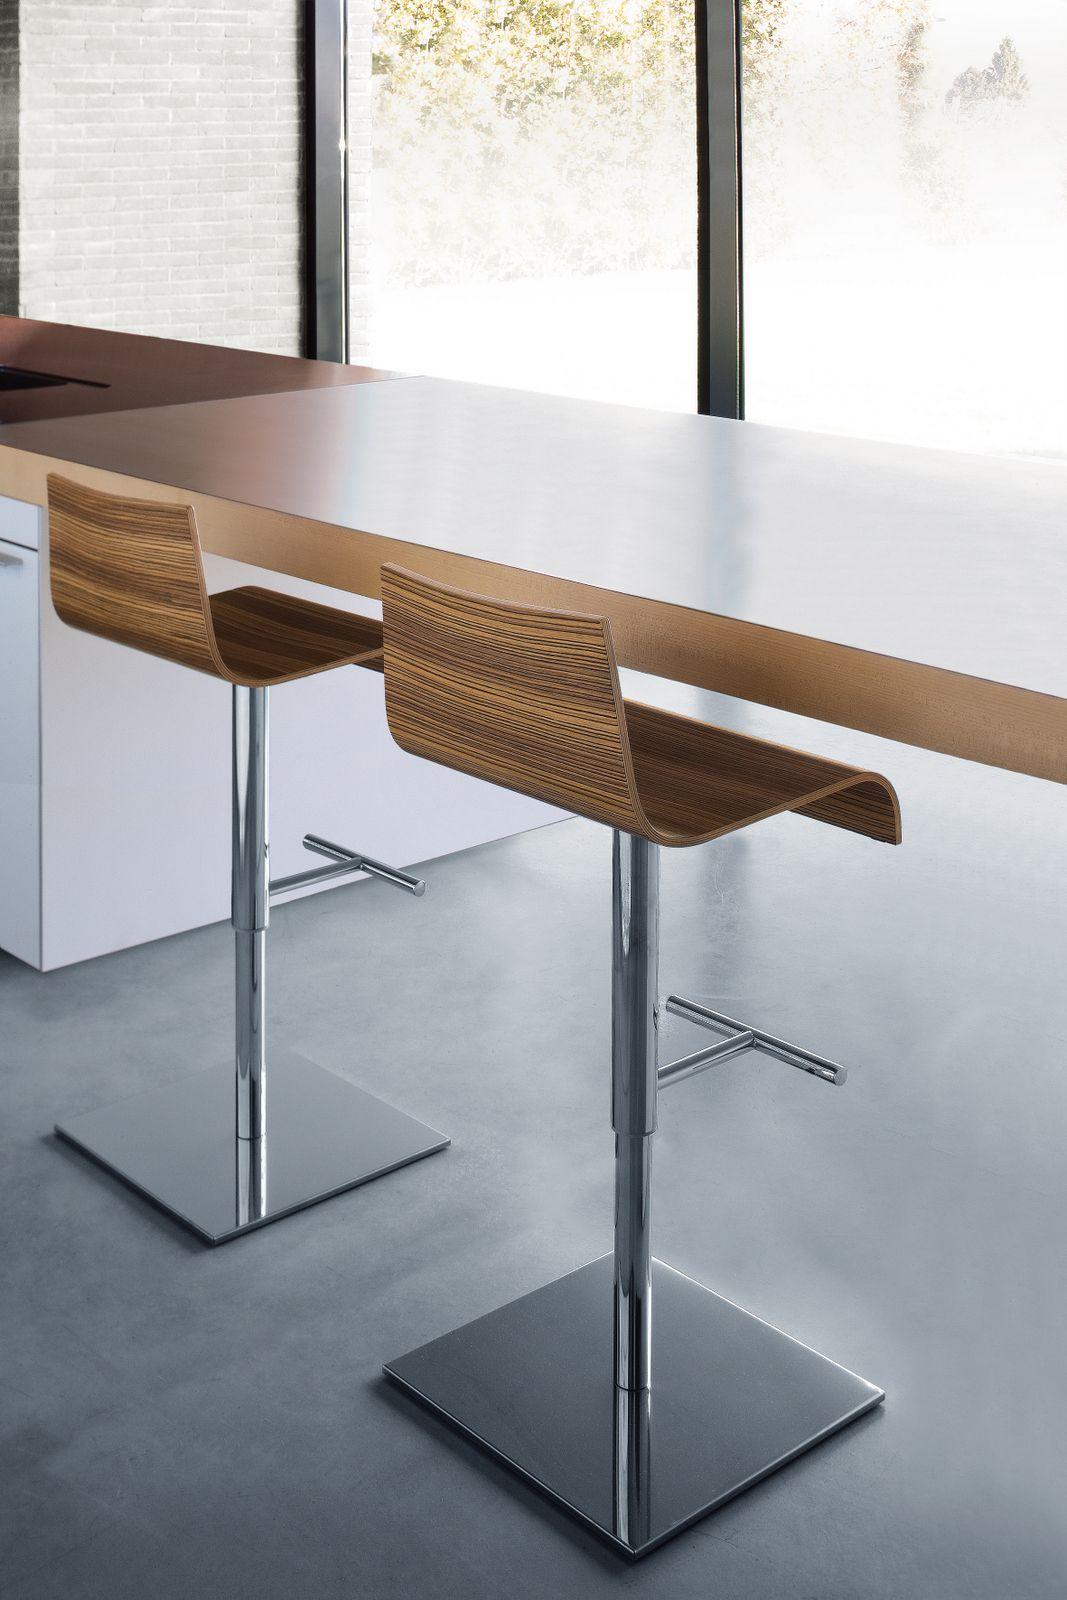 chaise cuisine reglable en hauteur avec des id es int ressantes pour la. Black Bedroom Furniture Sets. Home Design Ideas